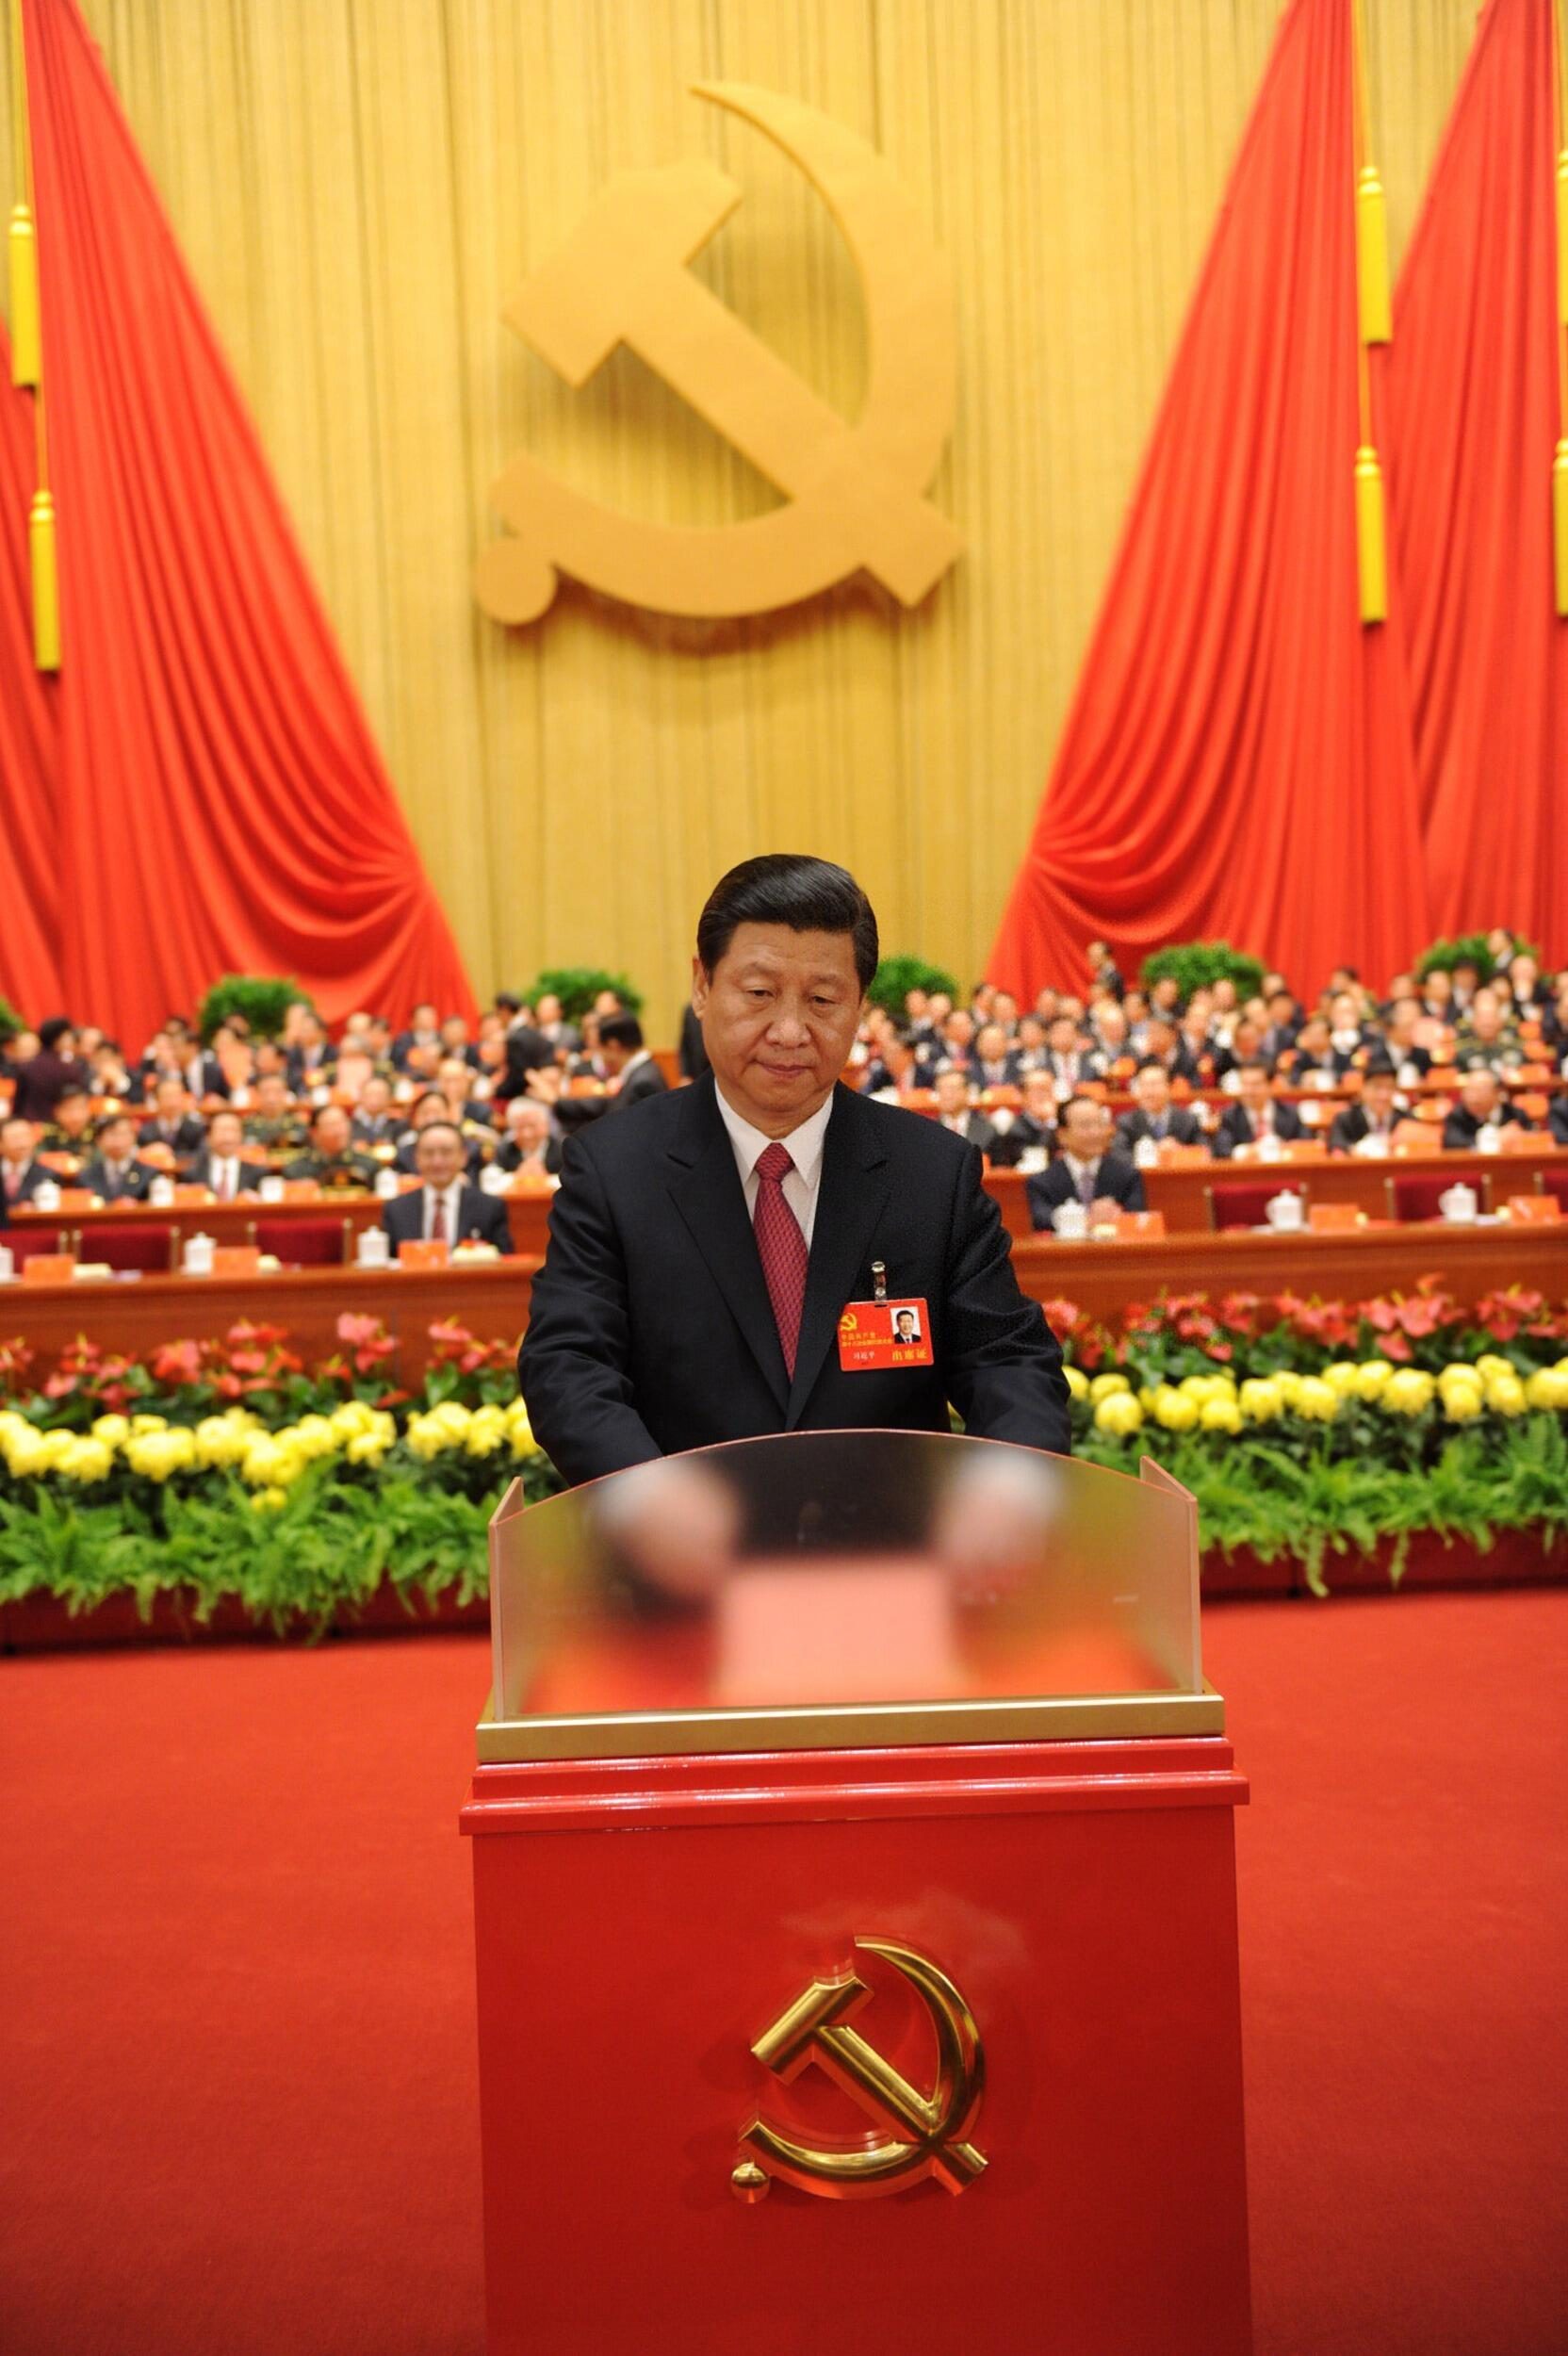 Le futur président Xi Jinping glisse son bulletin dans l'urne pour l'élection du nouveau comité central du Parti. Pékin, le 14 novembre 2012.